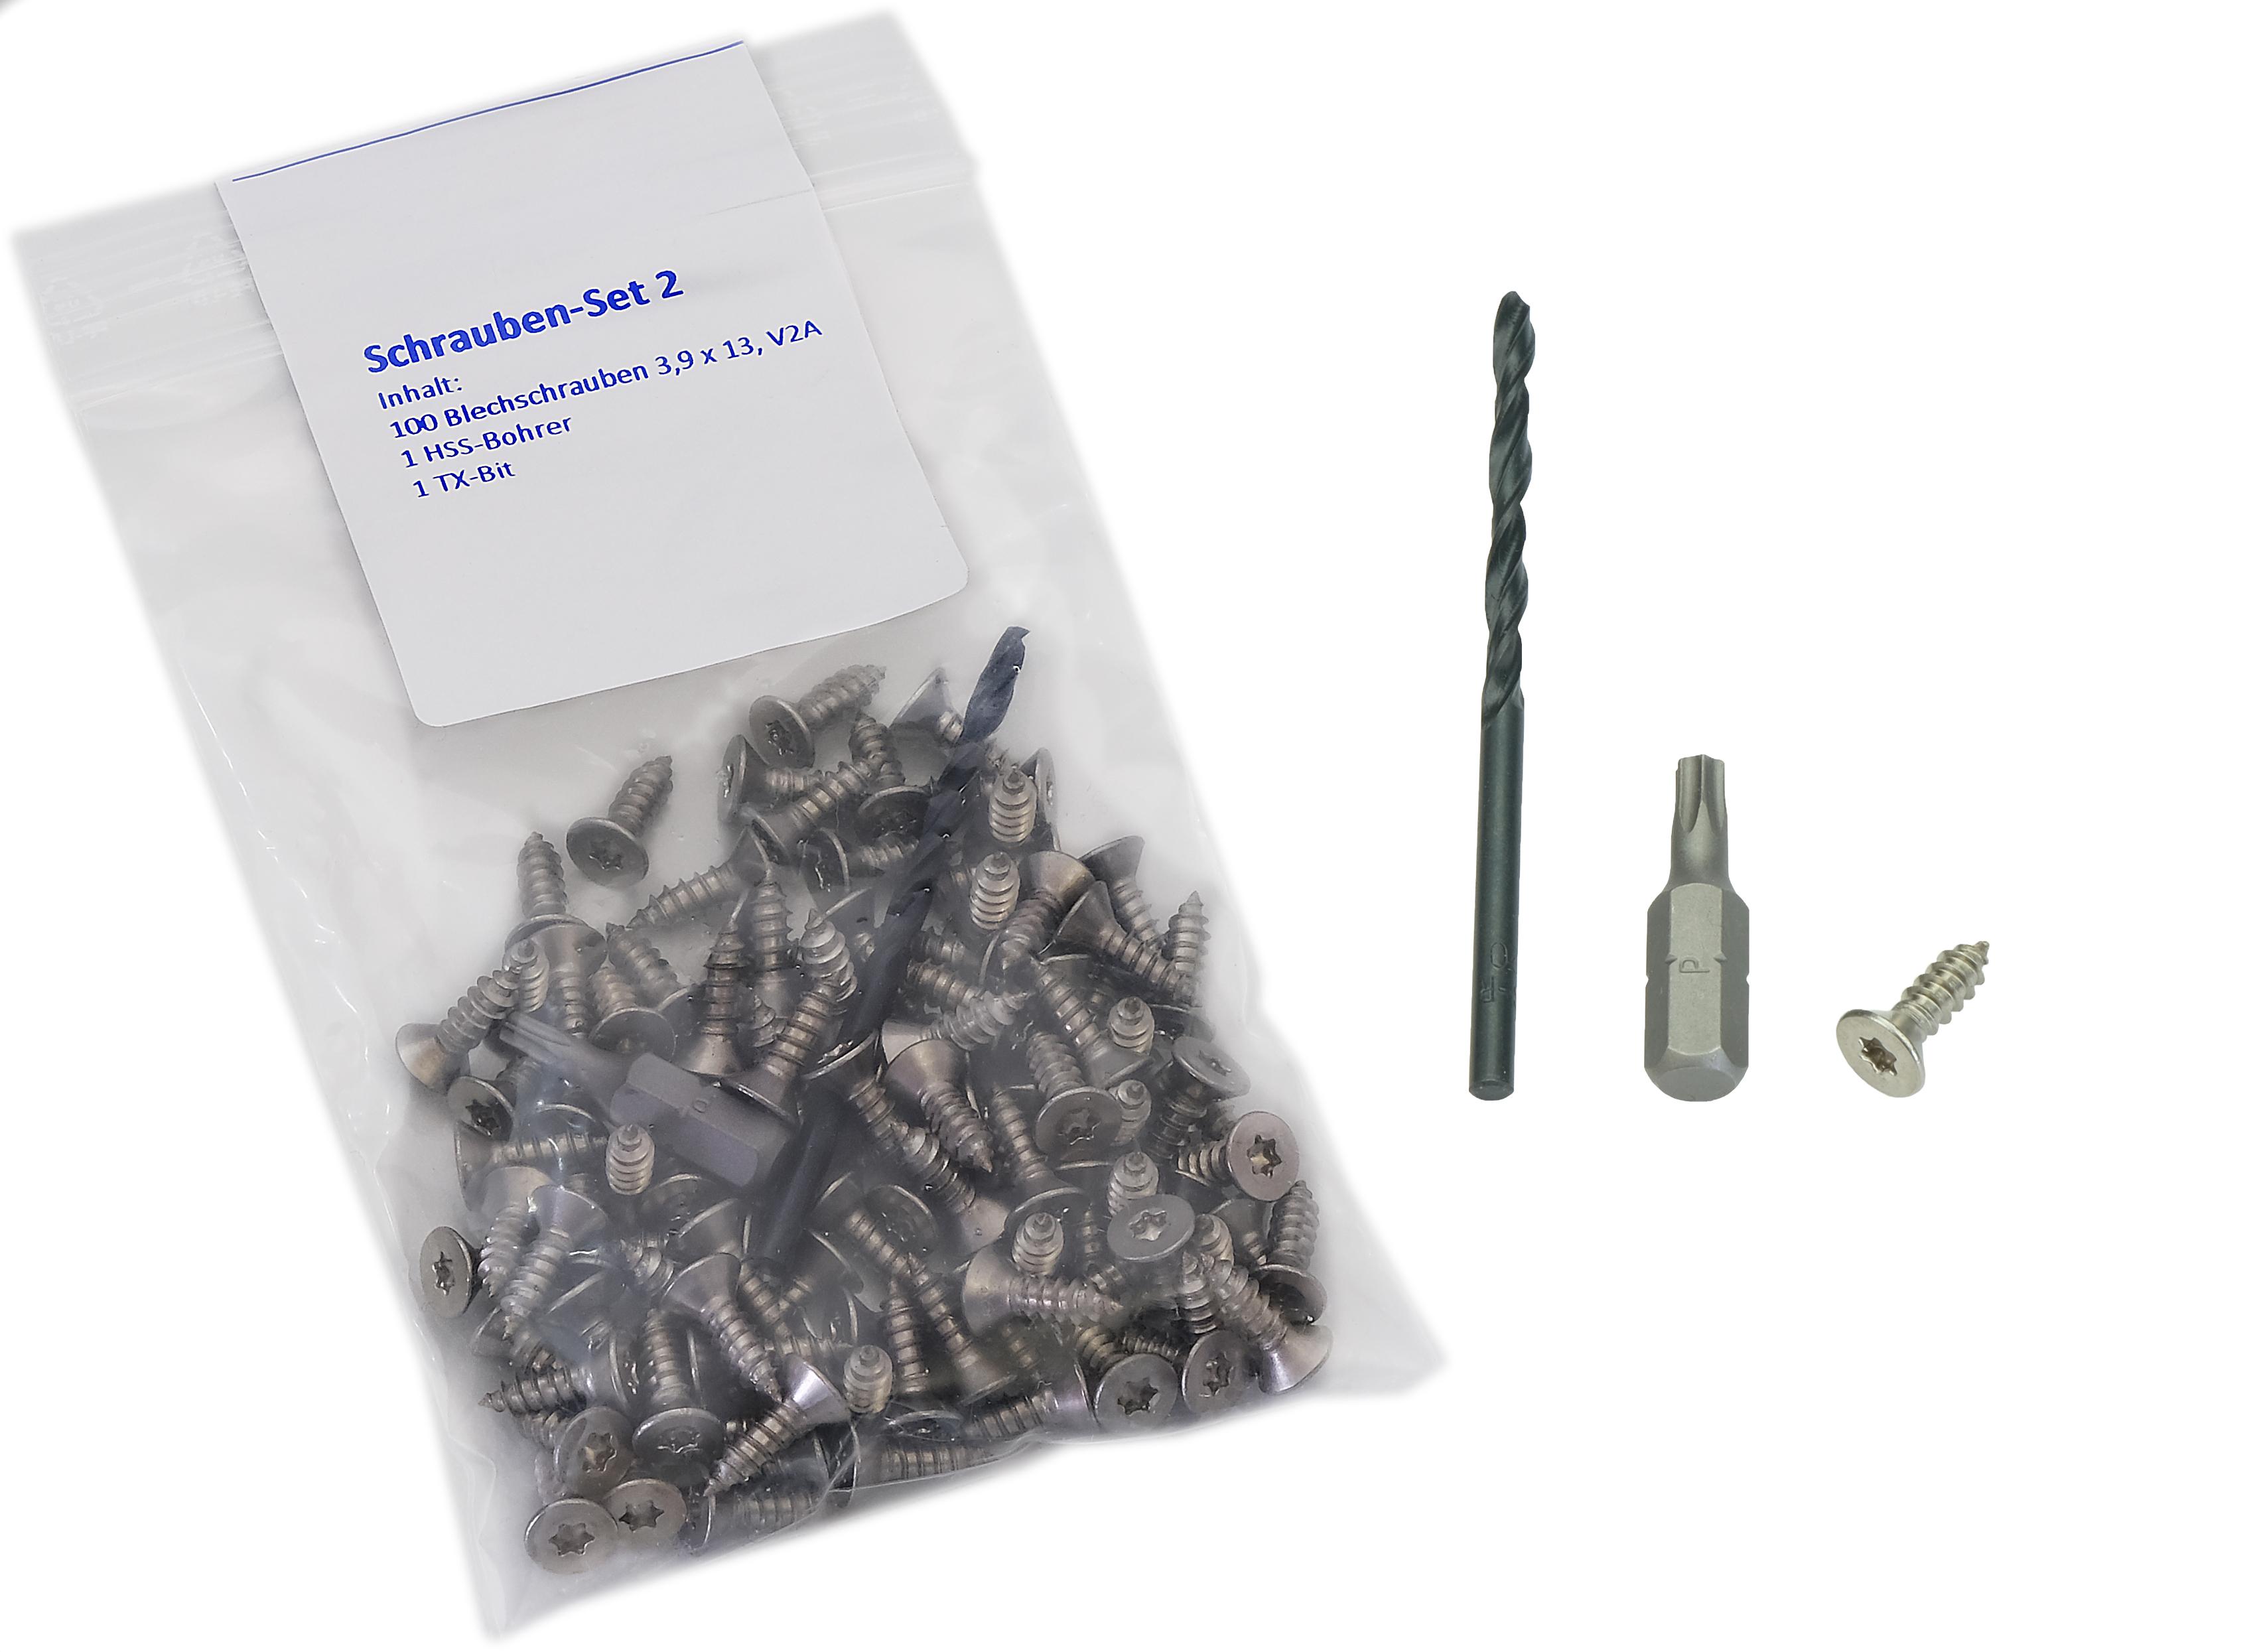 Kovalex Schrauben Set 2 - Zur Befestigung der Abschlussprofile auf Aluminium-Unterkonstruktion - Inhalt: 100 Stück Blechschrauben Senkkopf 3,9 x 13 mm V2A Edelstahl inkl. HSS Bohrer und Bit T20